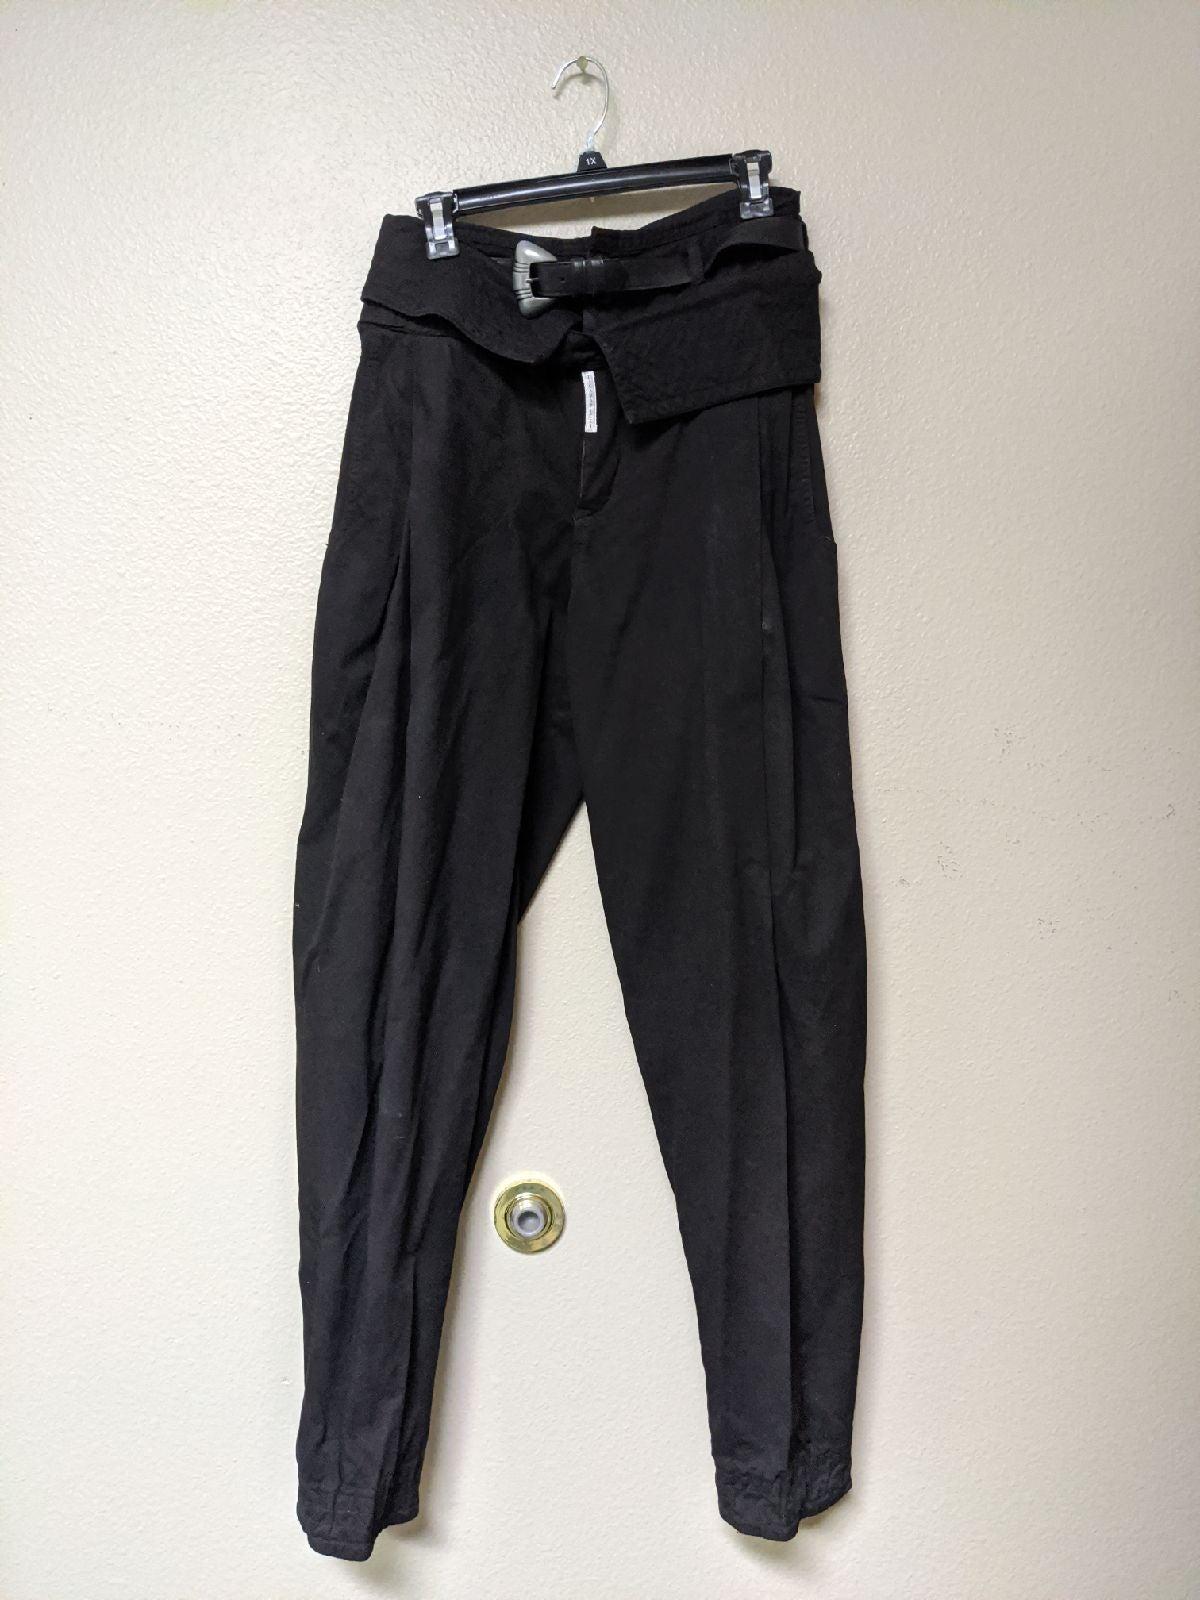 VTG Z CAVARICCI Black Parachute Pants